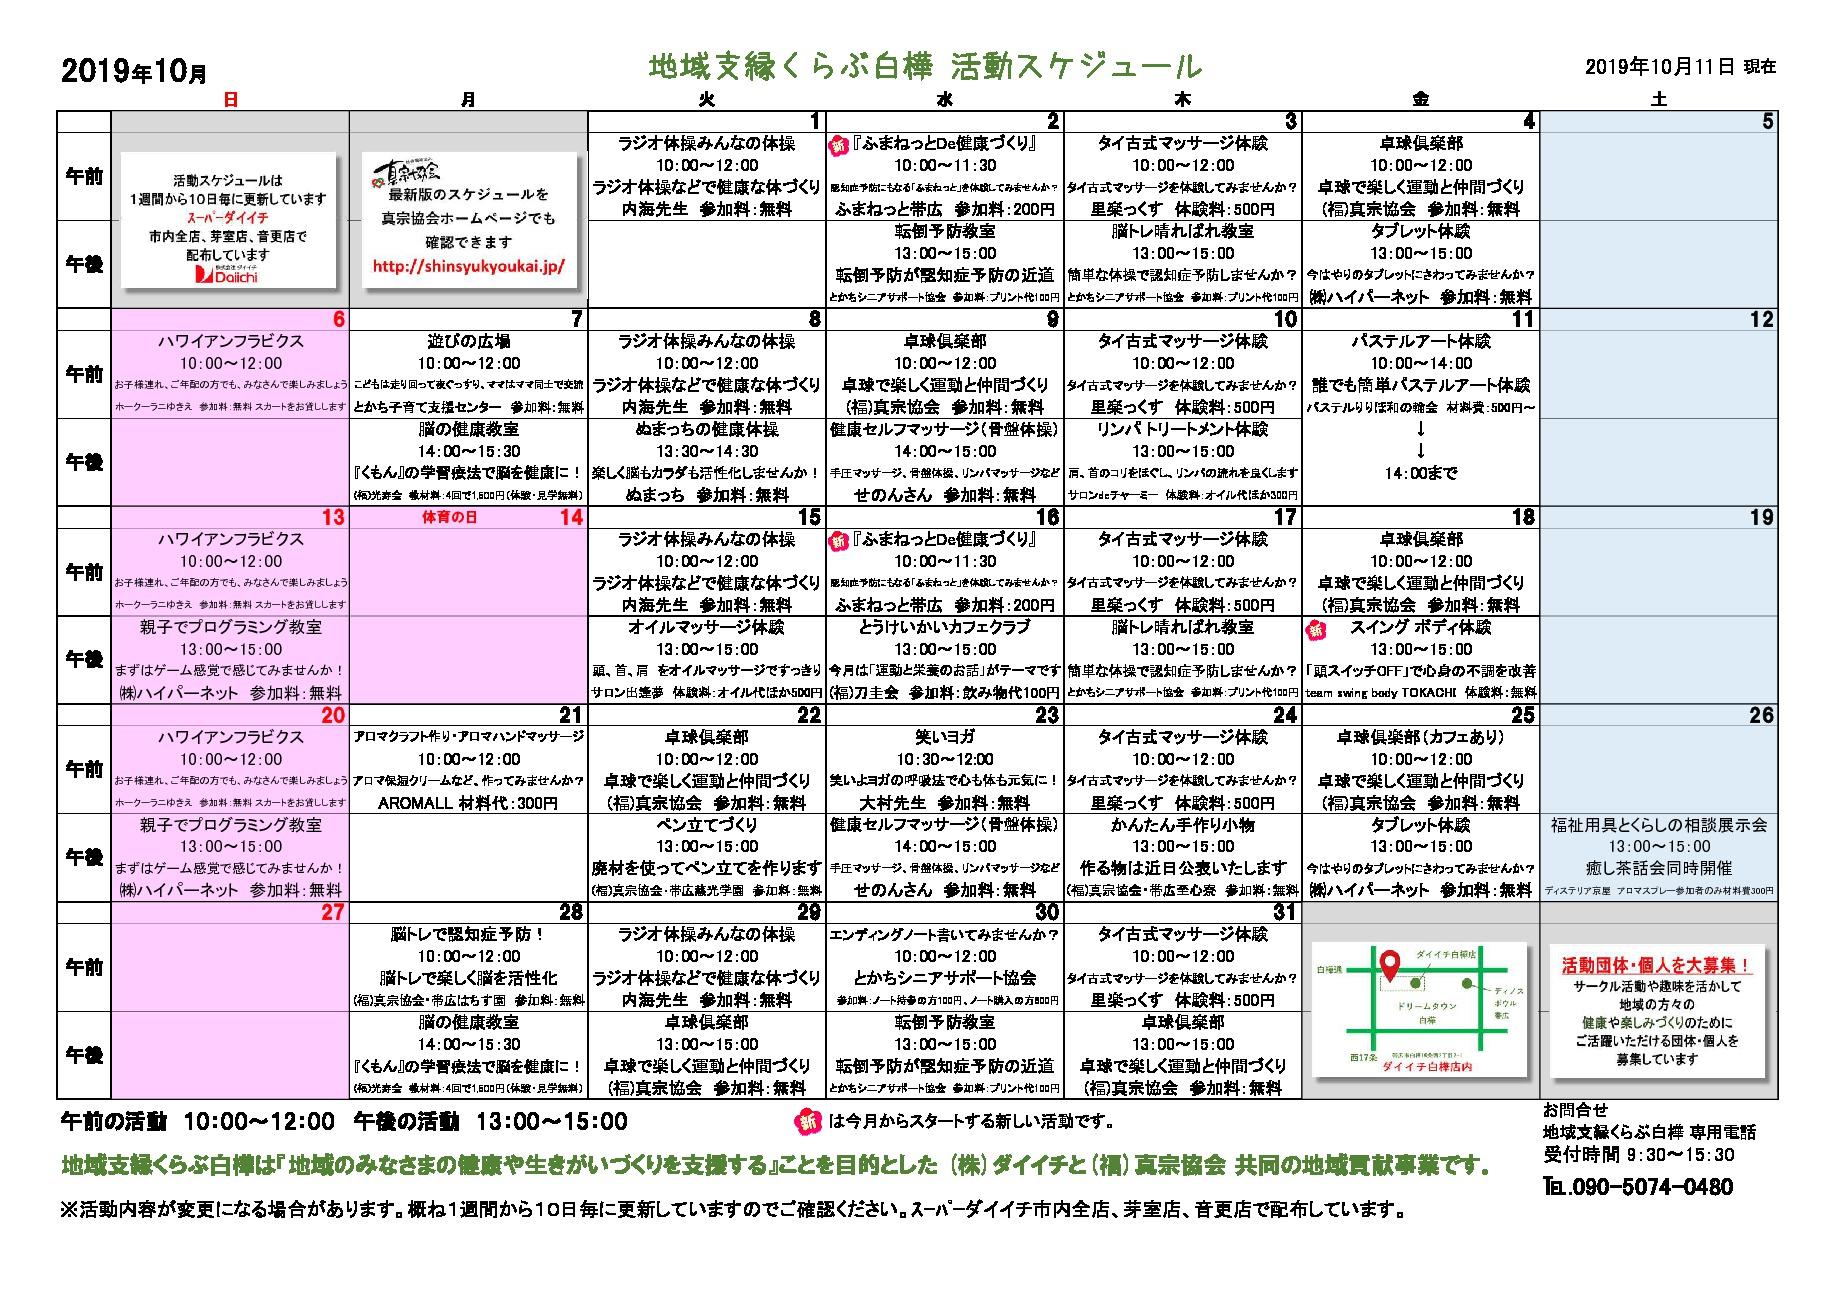 2019活動スケジュール10(2019.10.11付)のサムネイル